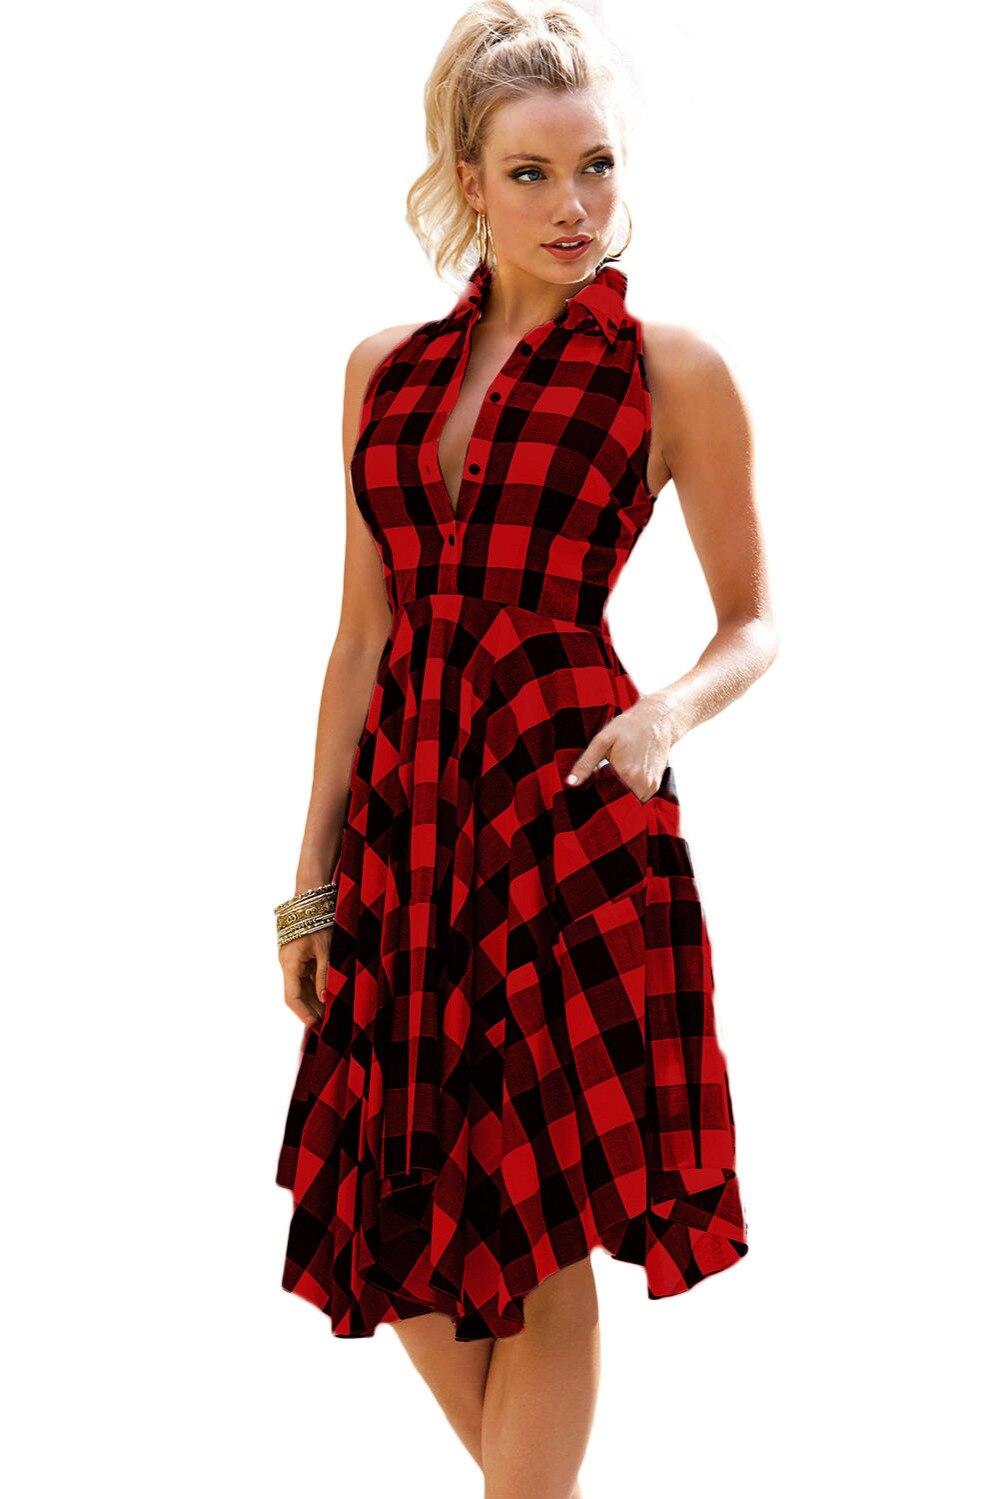 Two Tone Denim Checks Flared Shirt Dress 2017 Plaid Dresses Fashion